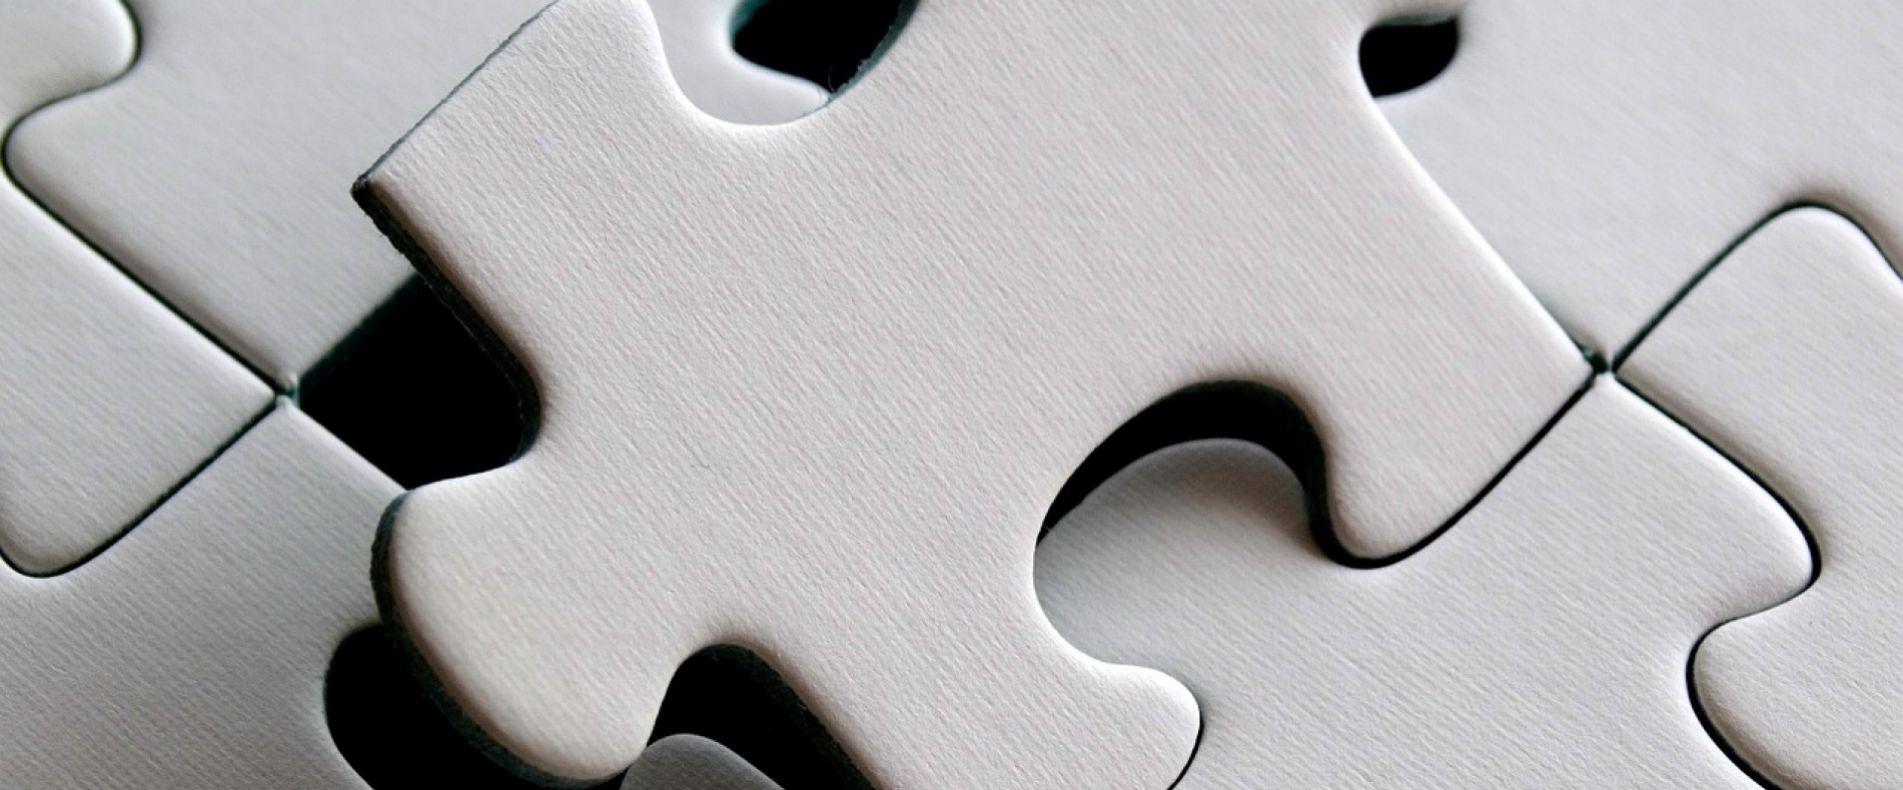 puzzle-654957 1280